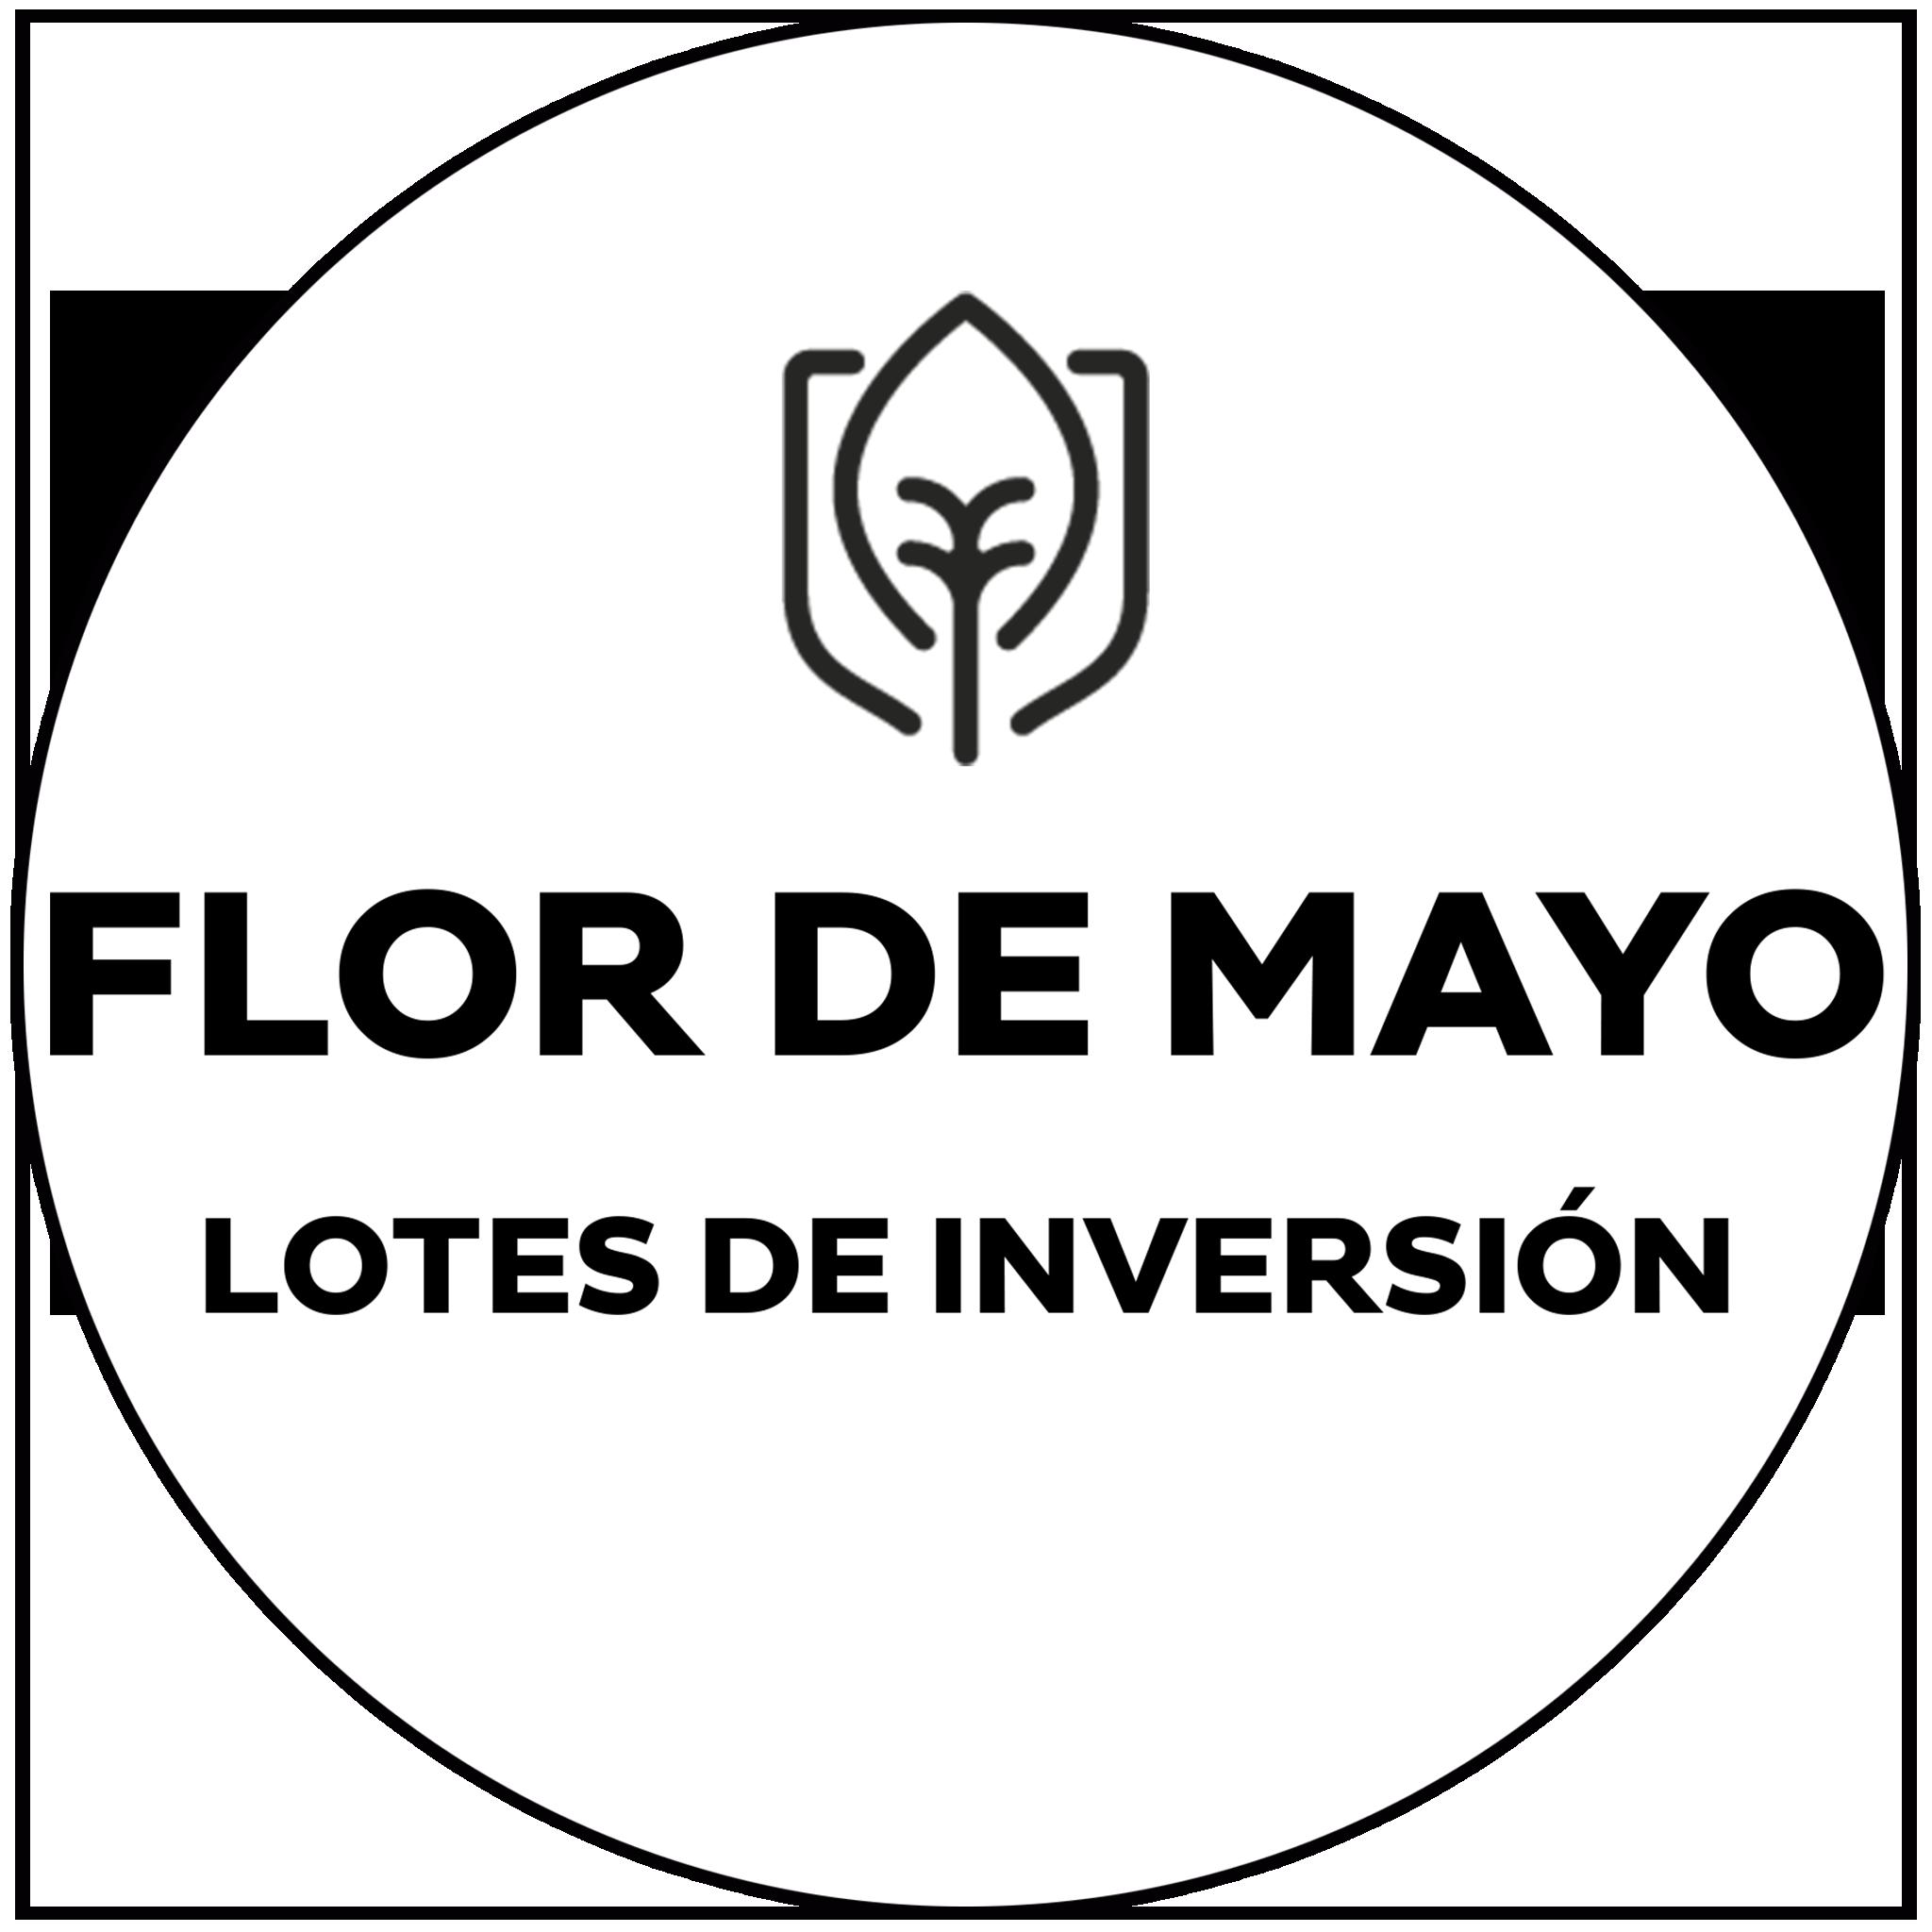 FlorDeMayo_Logotipo_circular.png